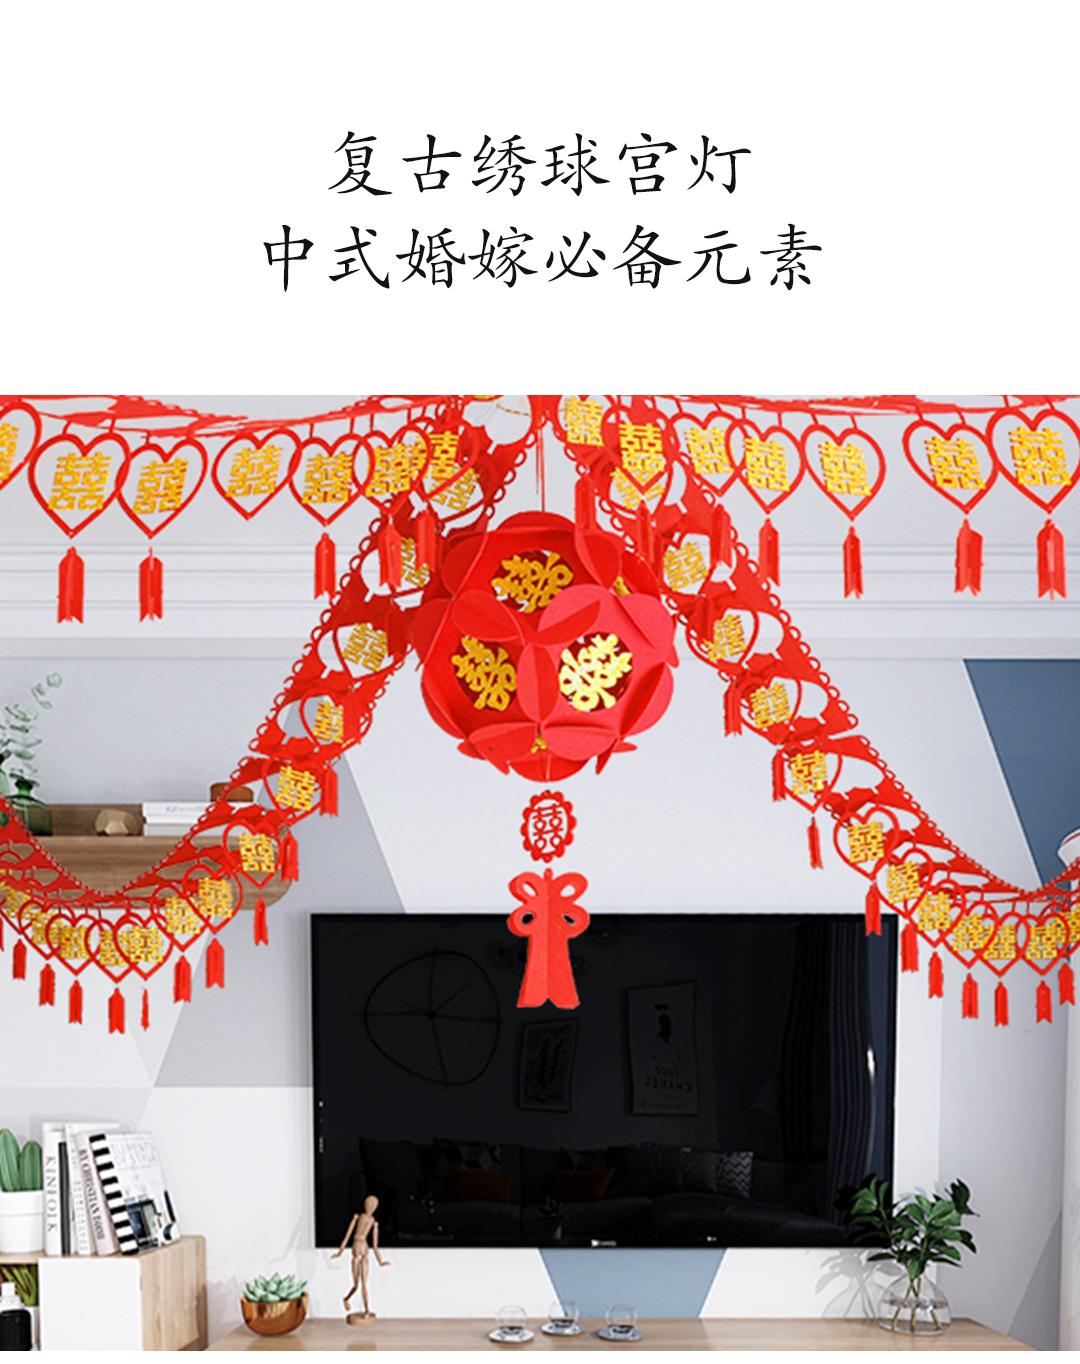 中式无纺布烫金拉花吊坠套装